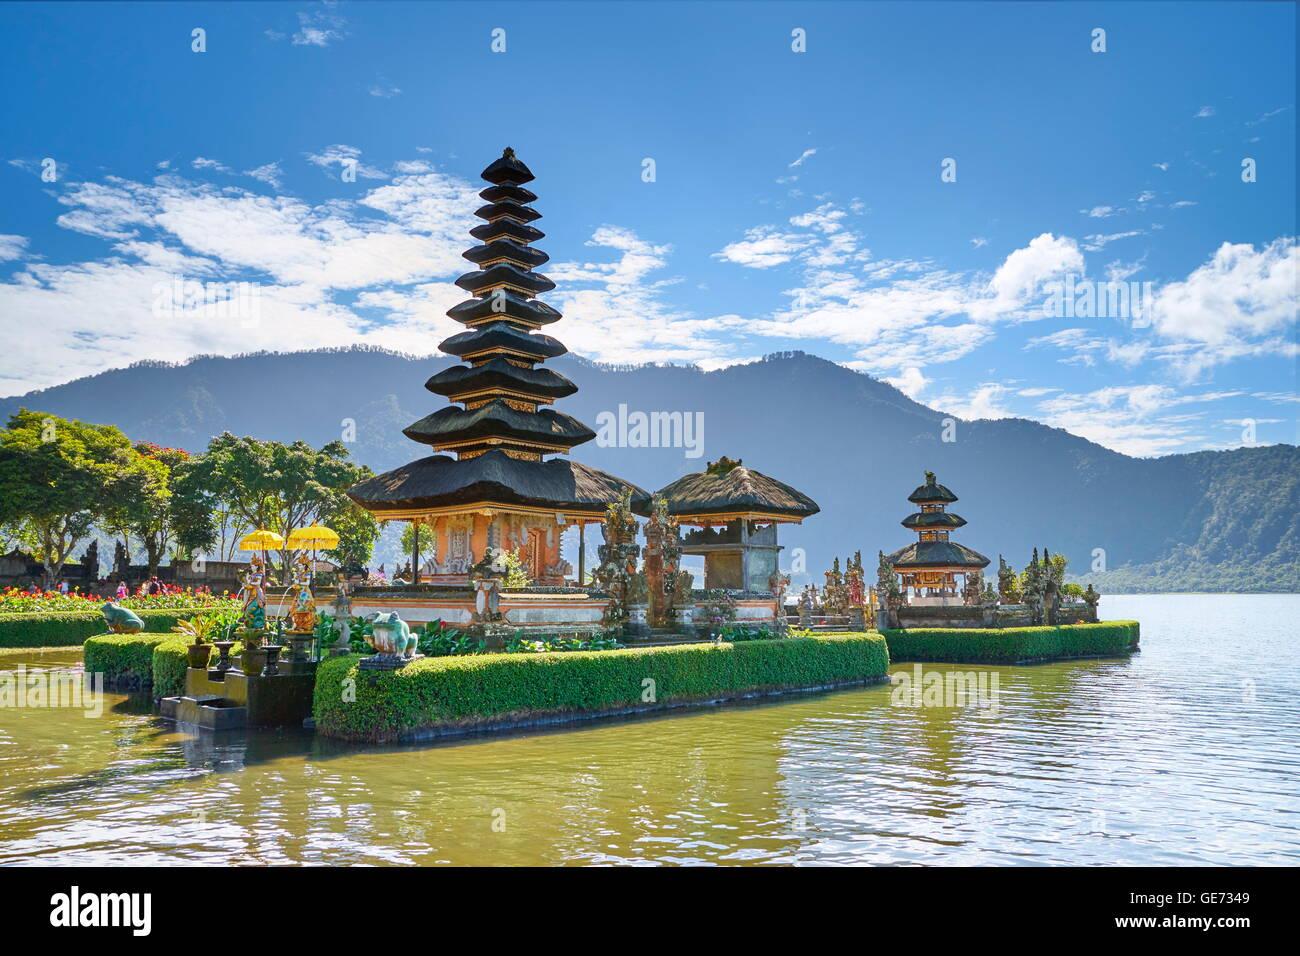 Pura Ulun Danu Tempel am Bratan See, Bali, Indonesien Stockbild